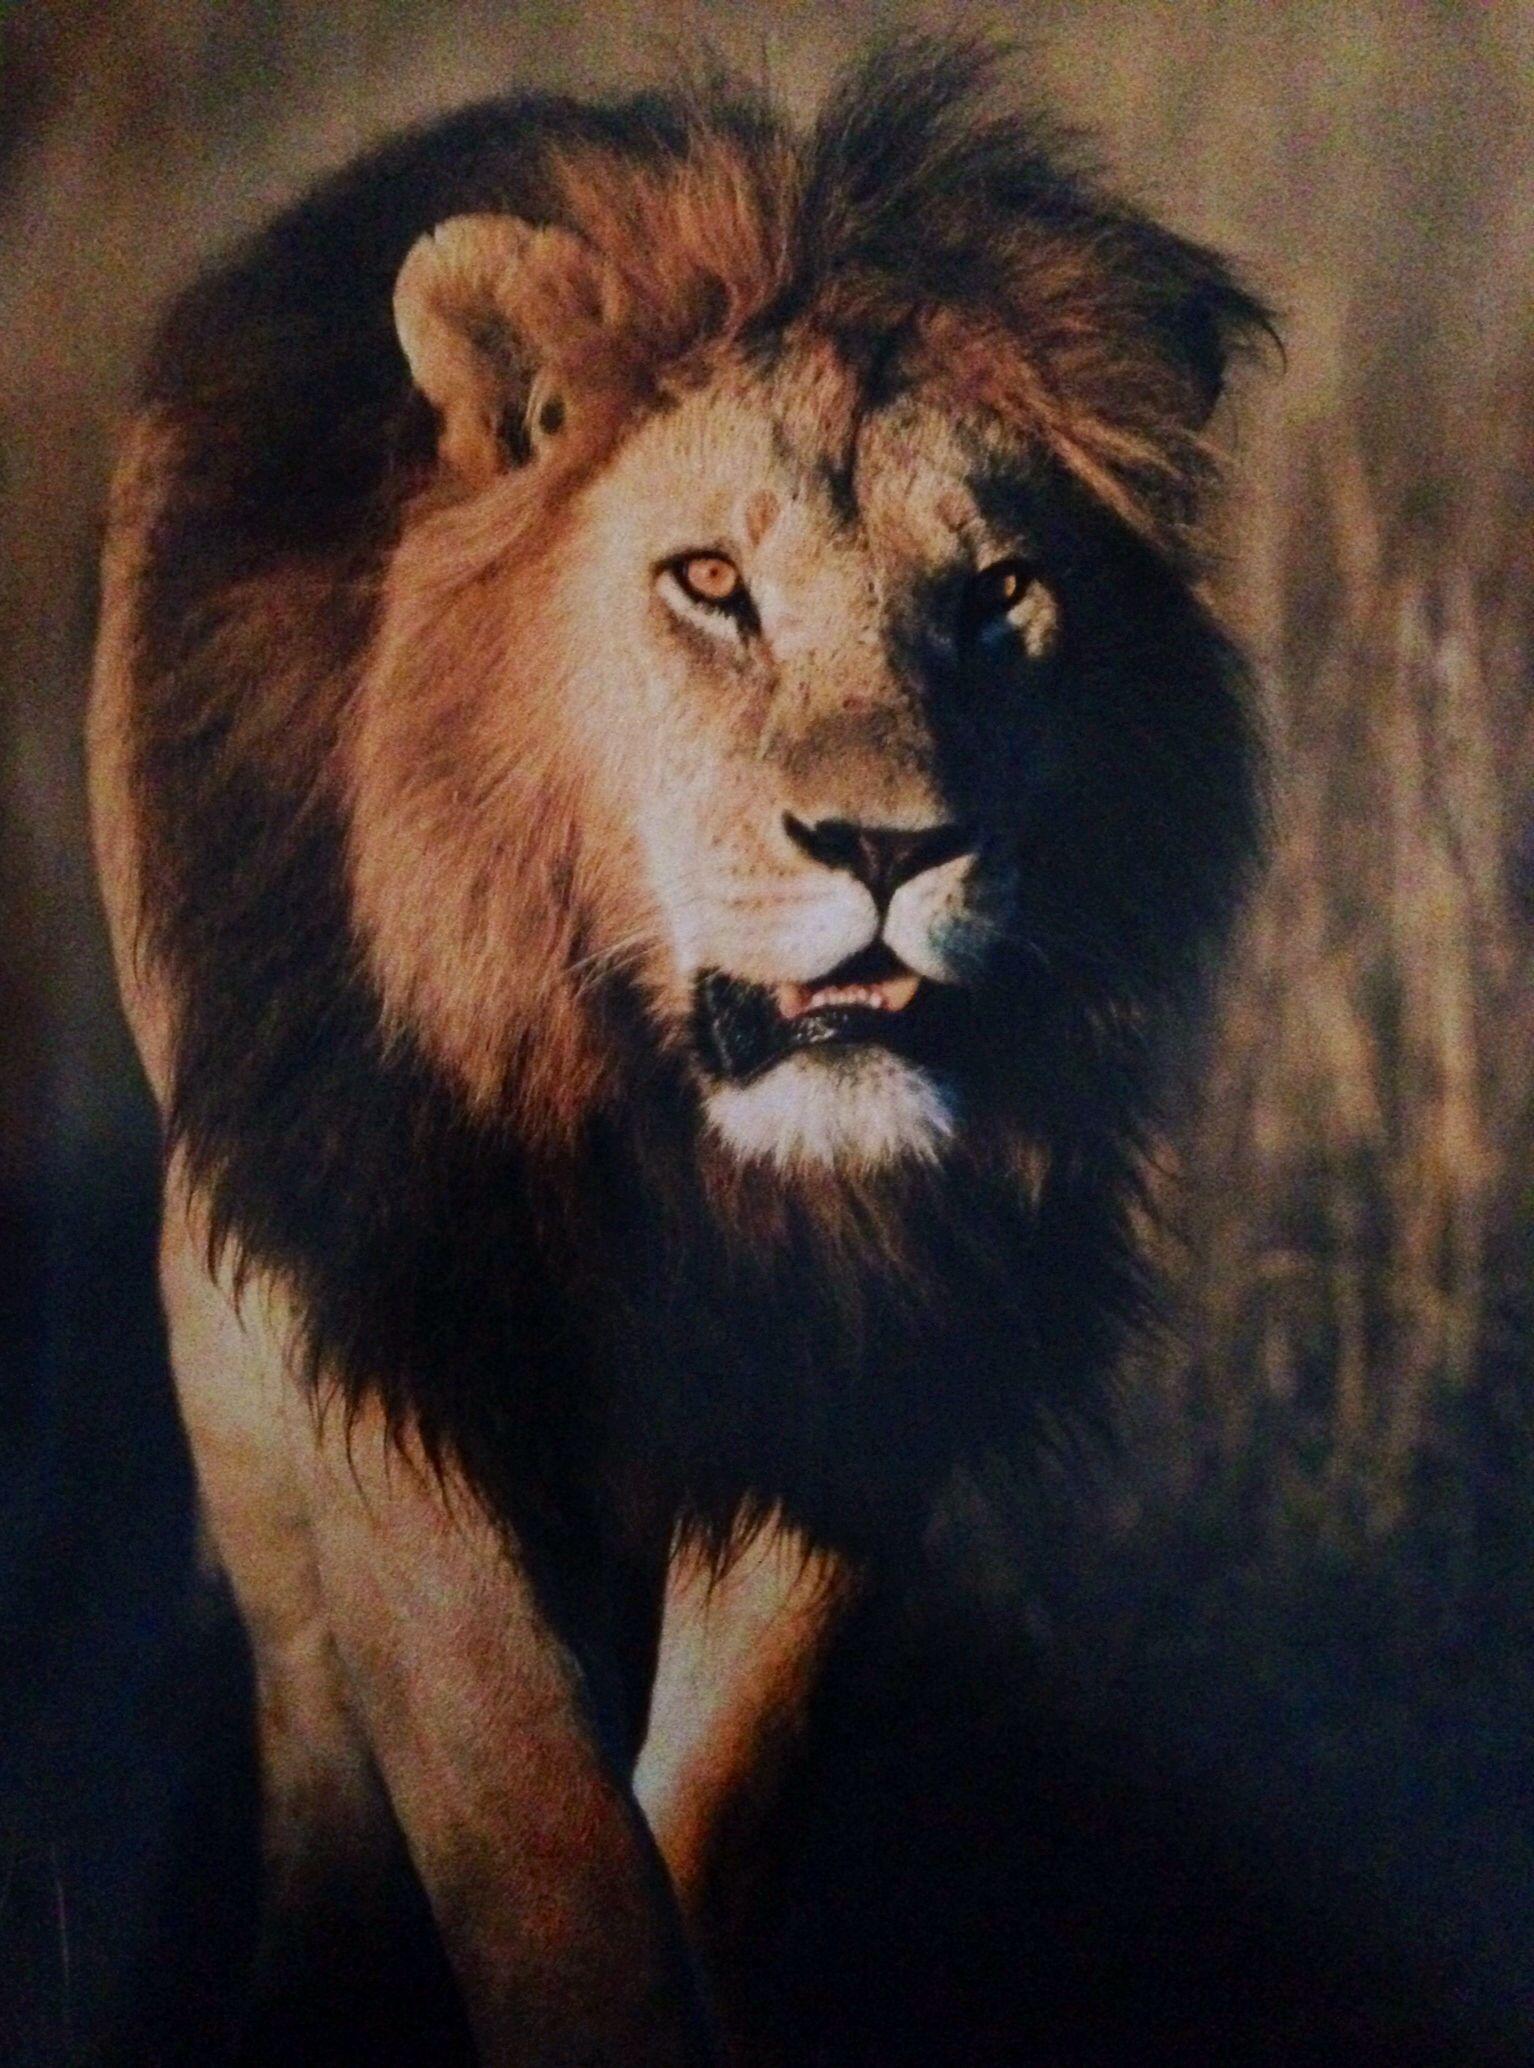 Crazy Scary Lion Art Lion Pictures Lion Wallpaper